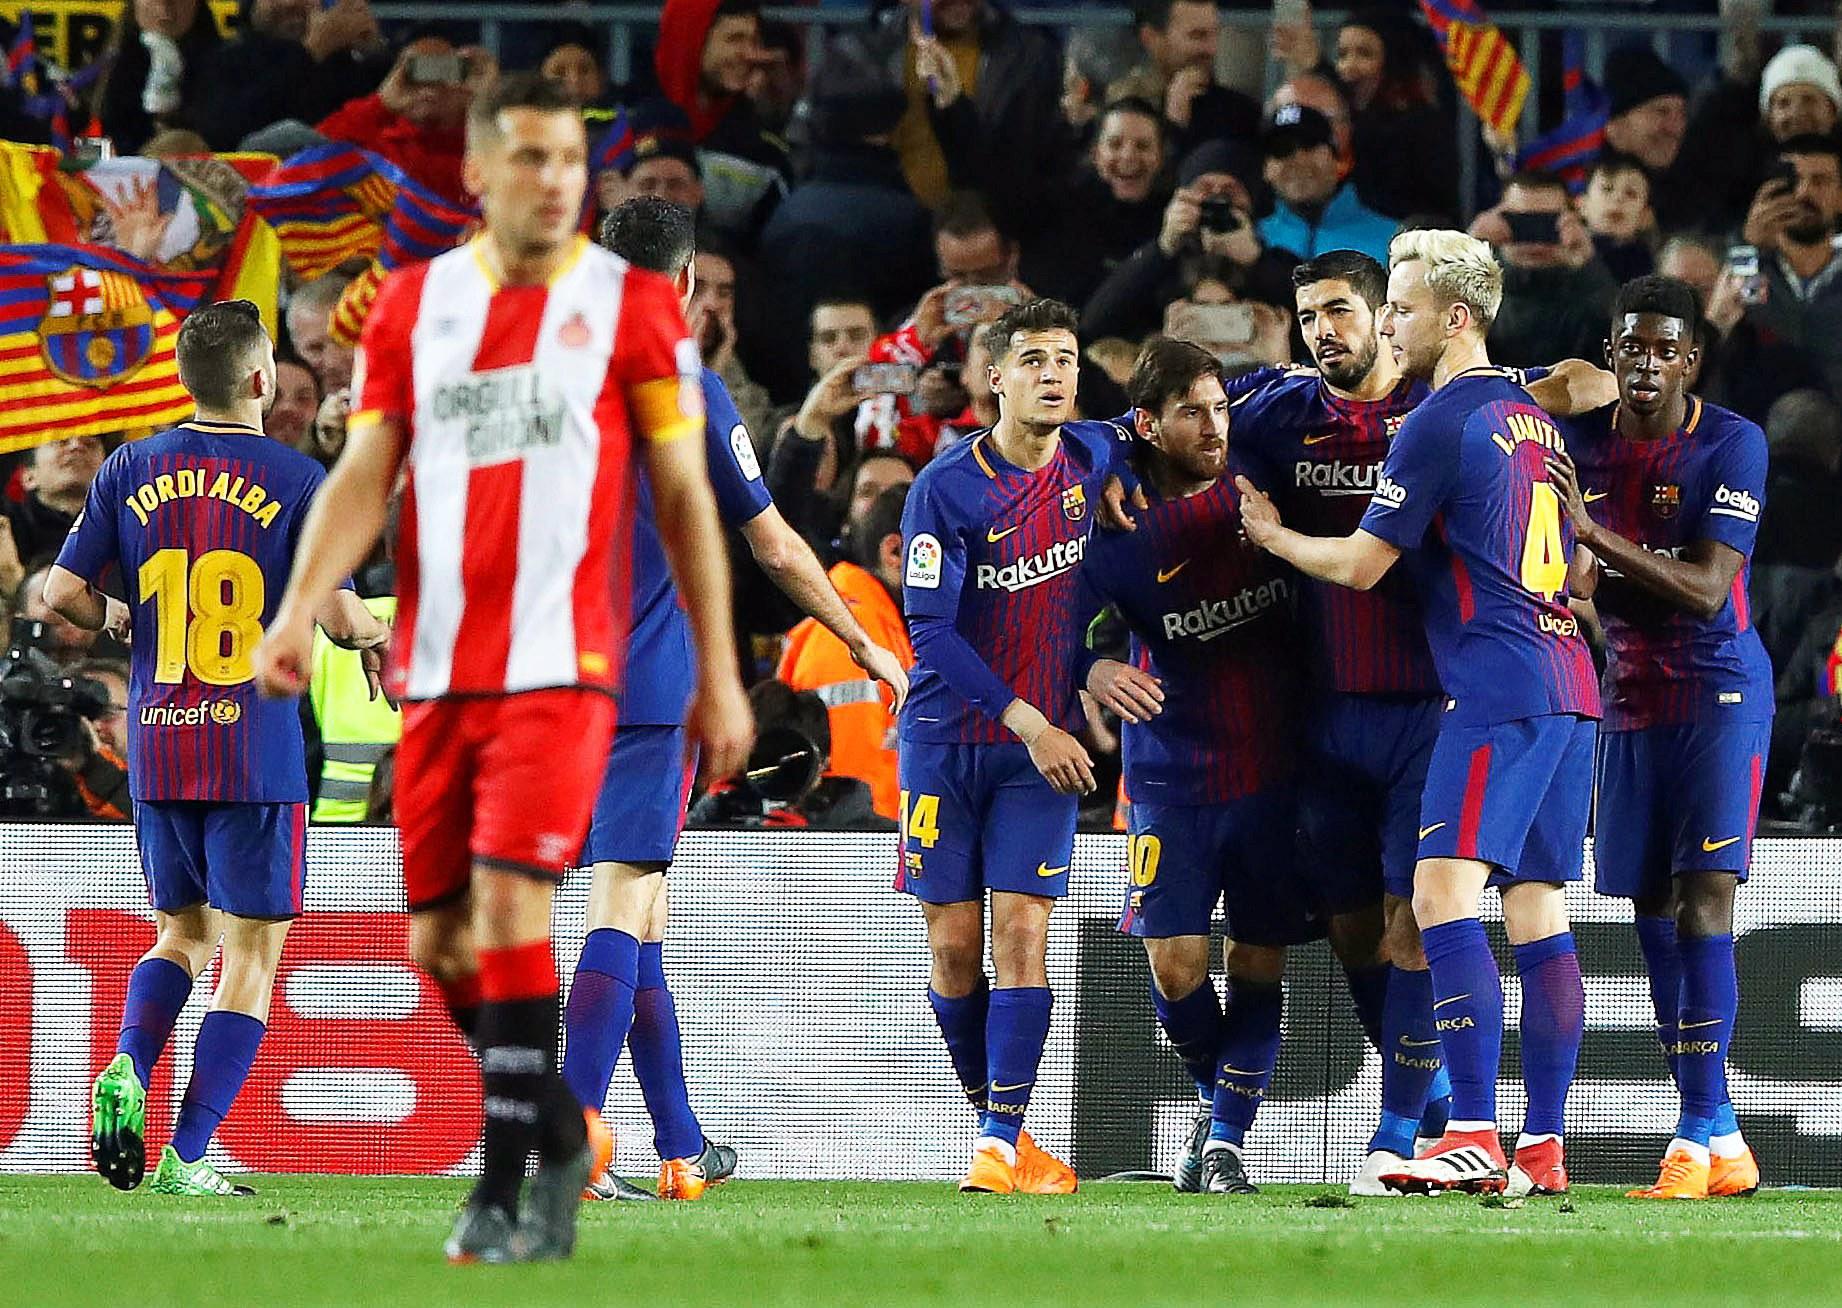 Barcelona aplica goleada das antigas ao 'vizinho' Girona